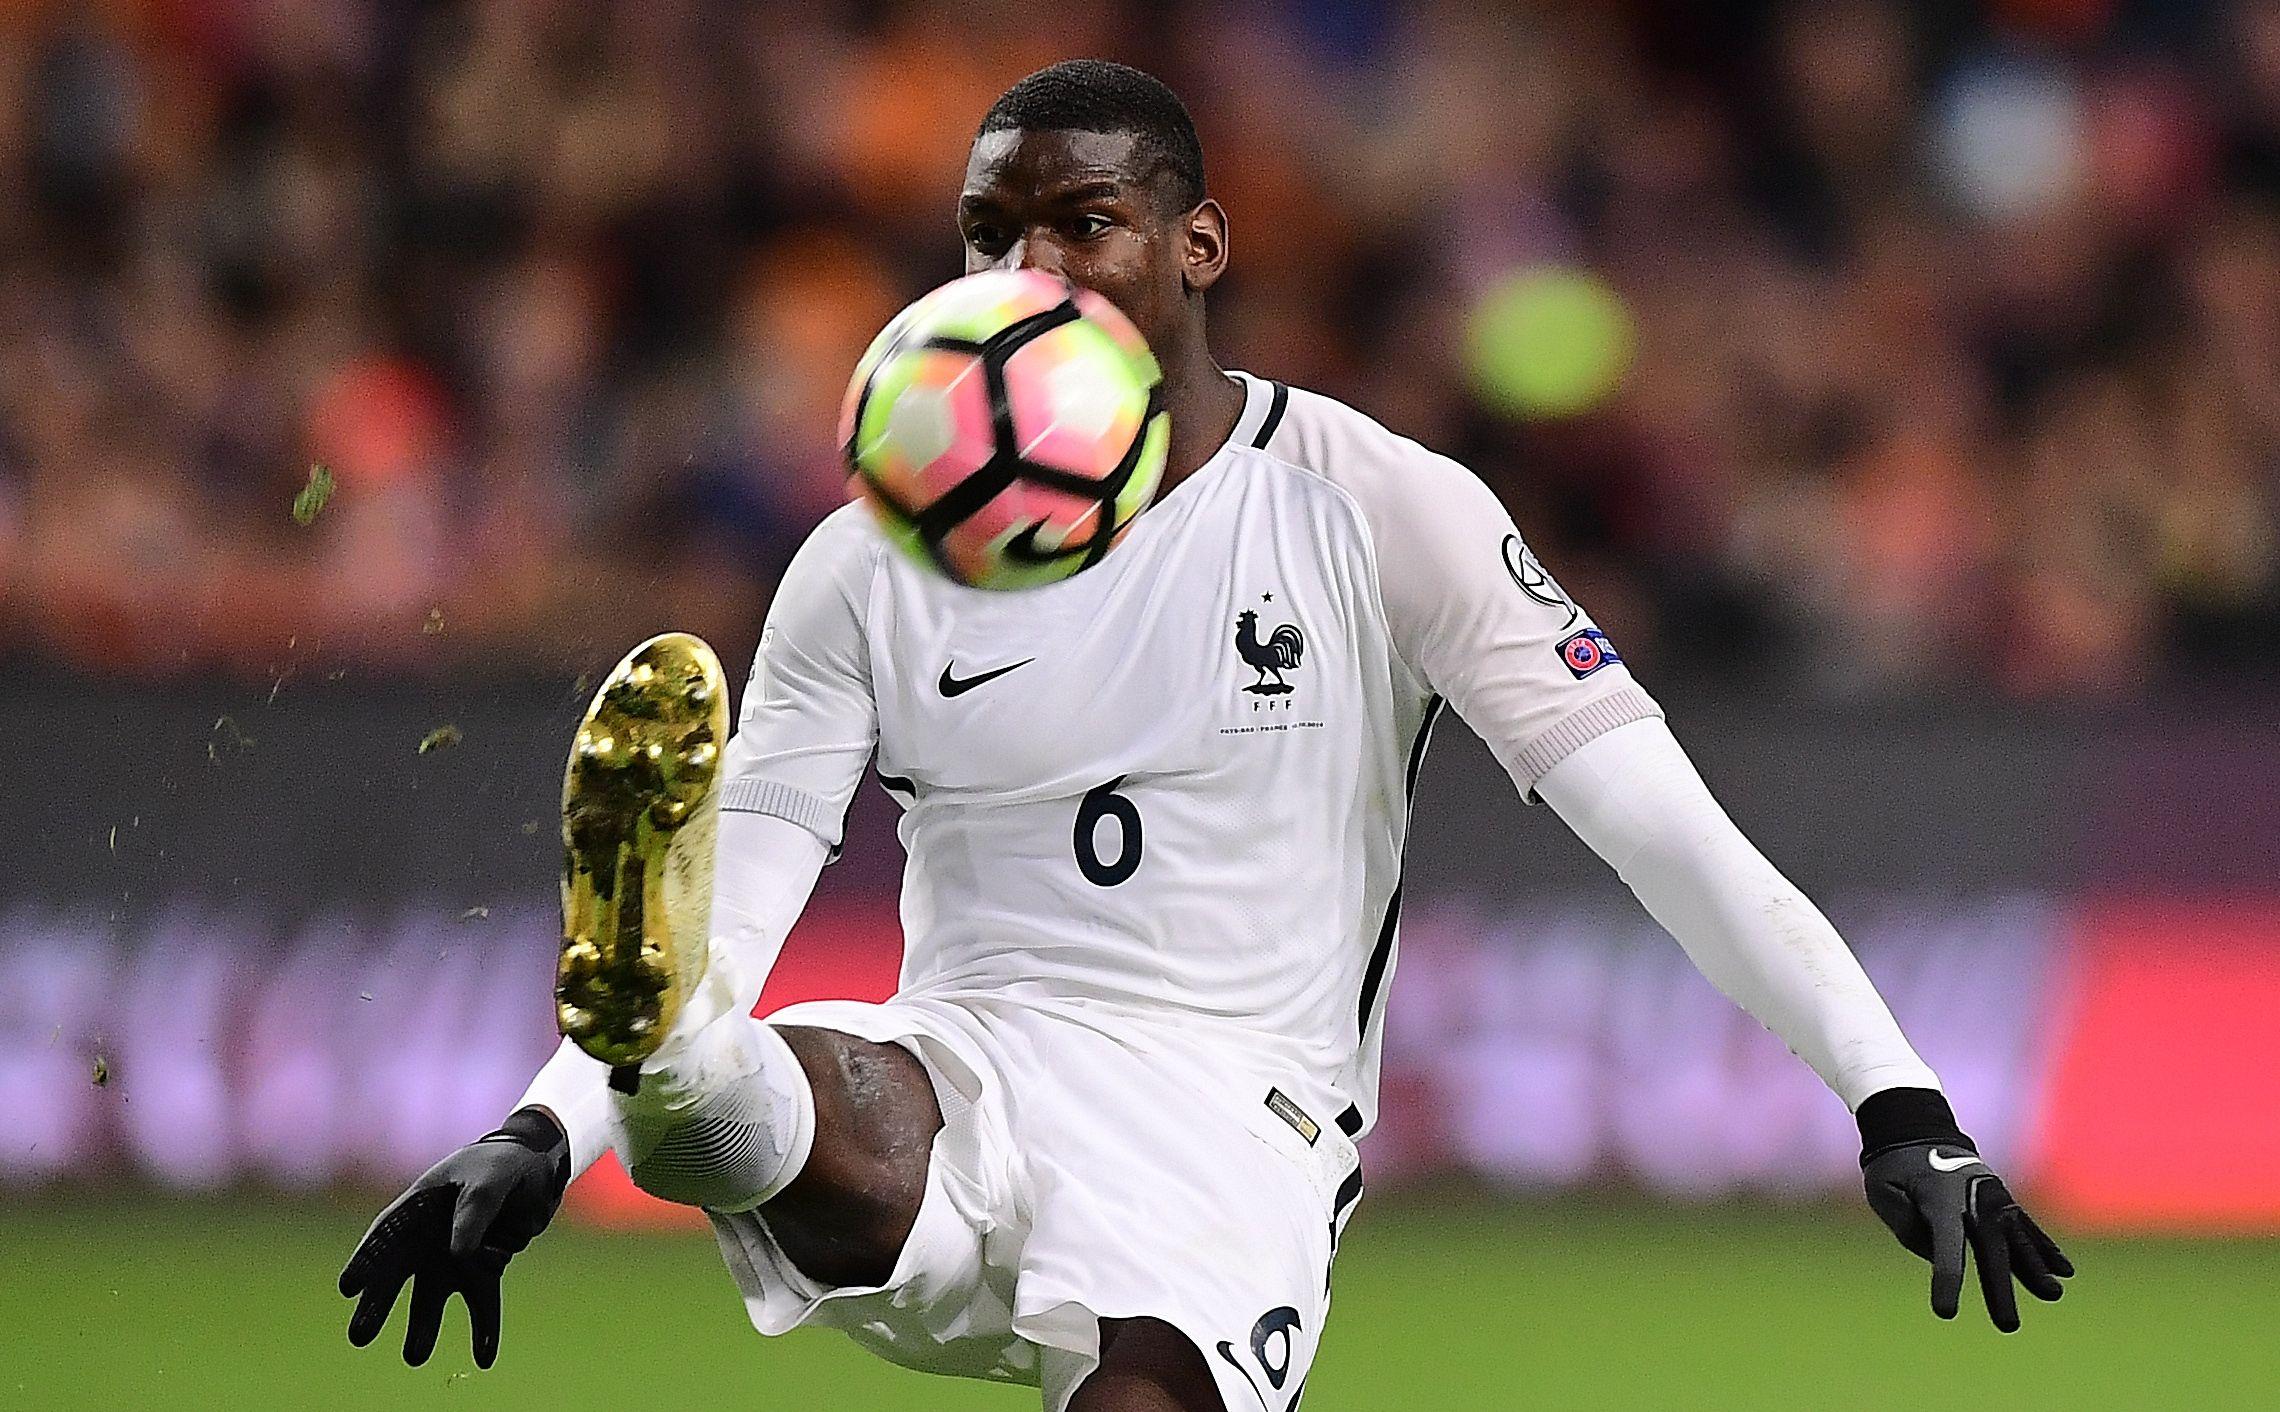 Football - Equipe de France - Pogba, c'est comme ça qu'on l'aime